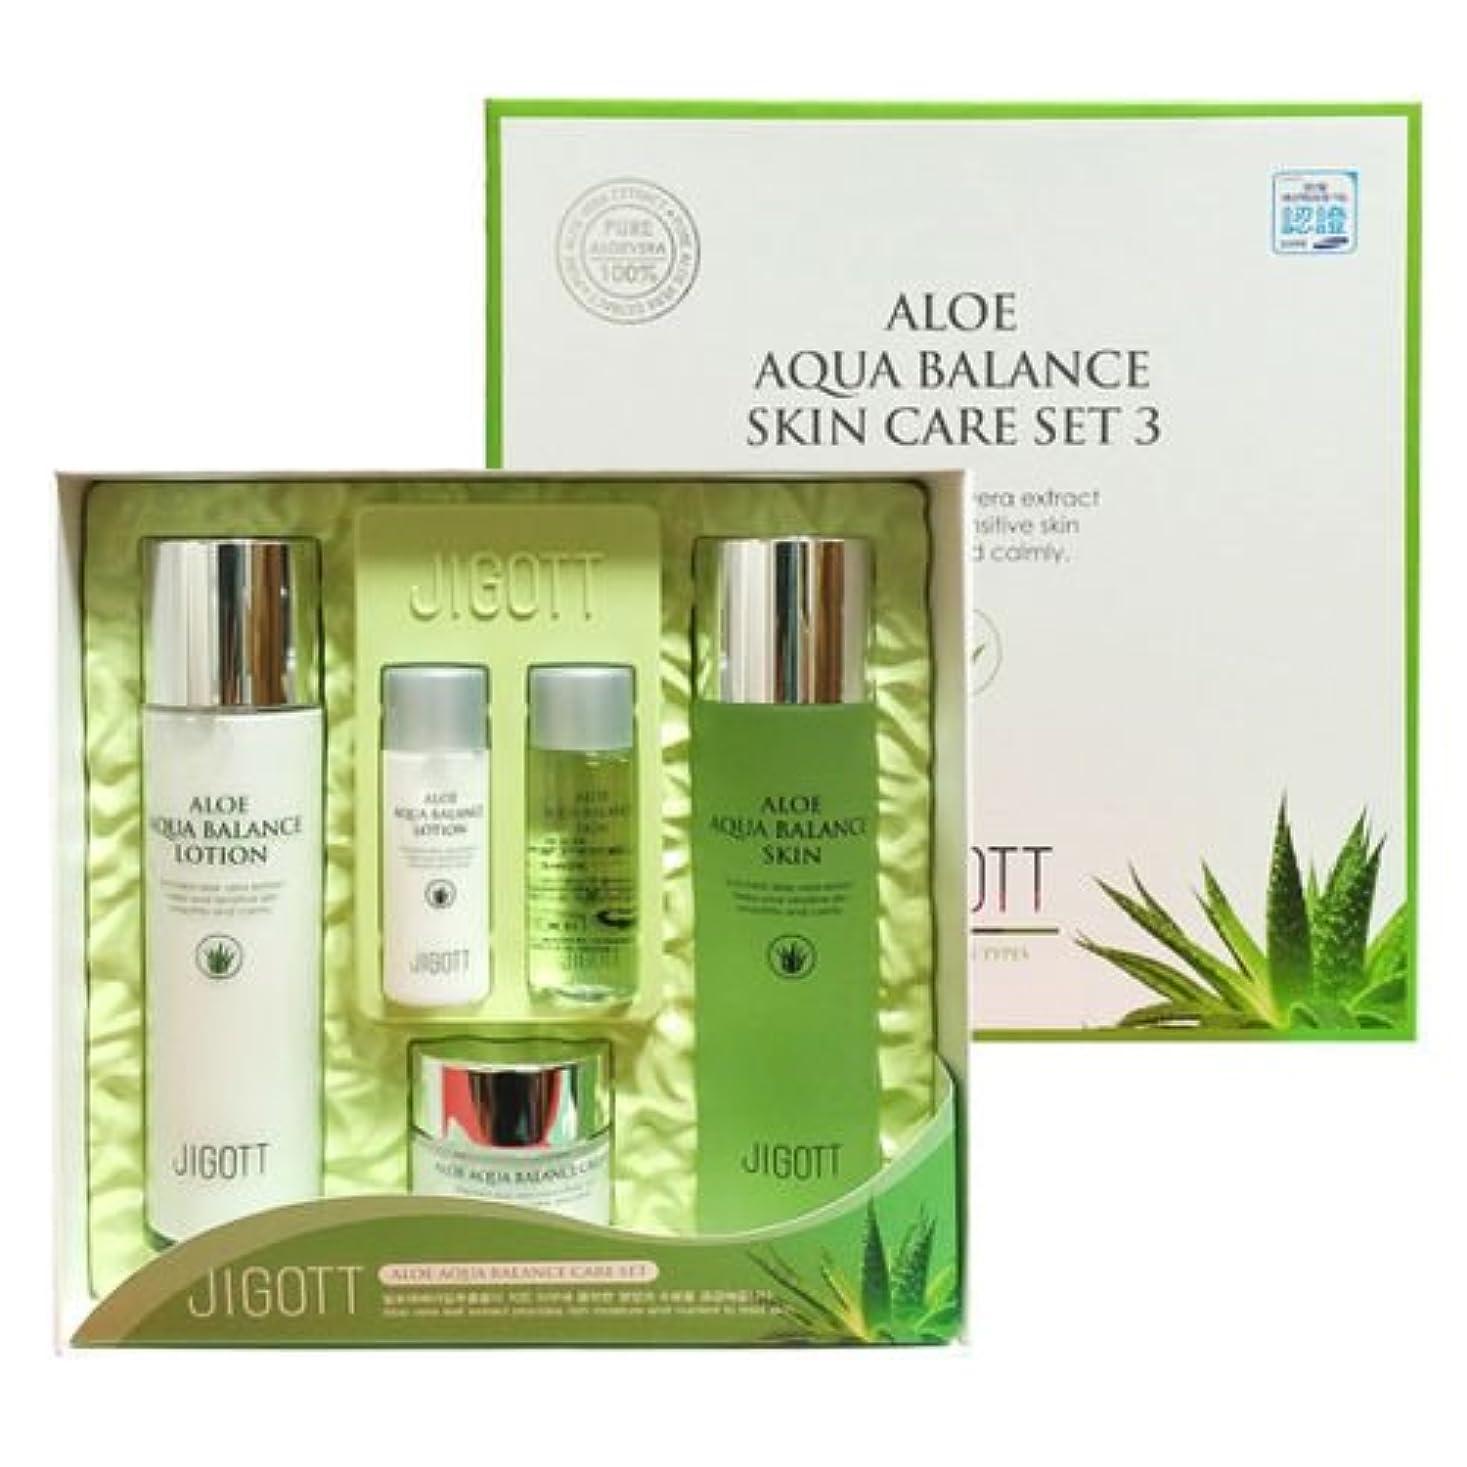 電報苦い歌詞ジゴトゥ[韓国コスメJigott]Aloe Aqua Balance Skin Care 3 Set アロエアクアバランススキンケア3セット樹液,乳液,クリーム [並行輸入品]